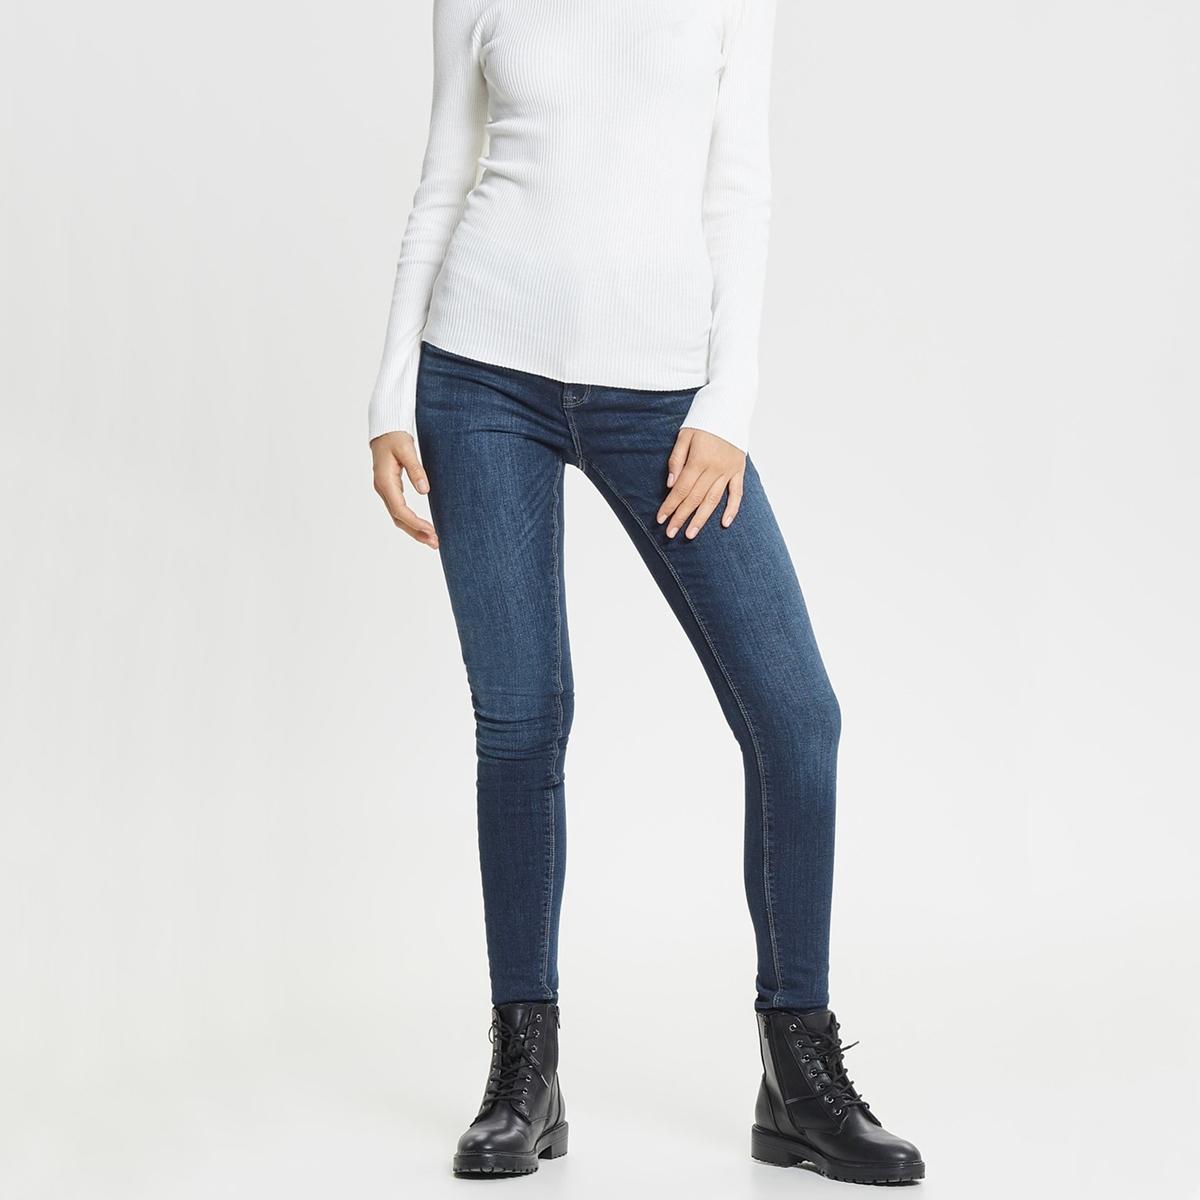 Джинсы скинни с высокой талией, длина 32 джинсы скинни длина 32